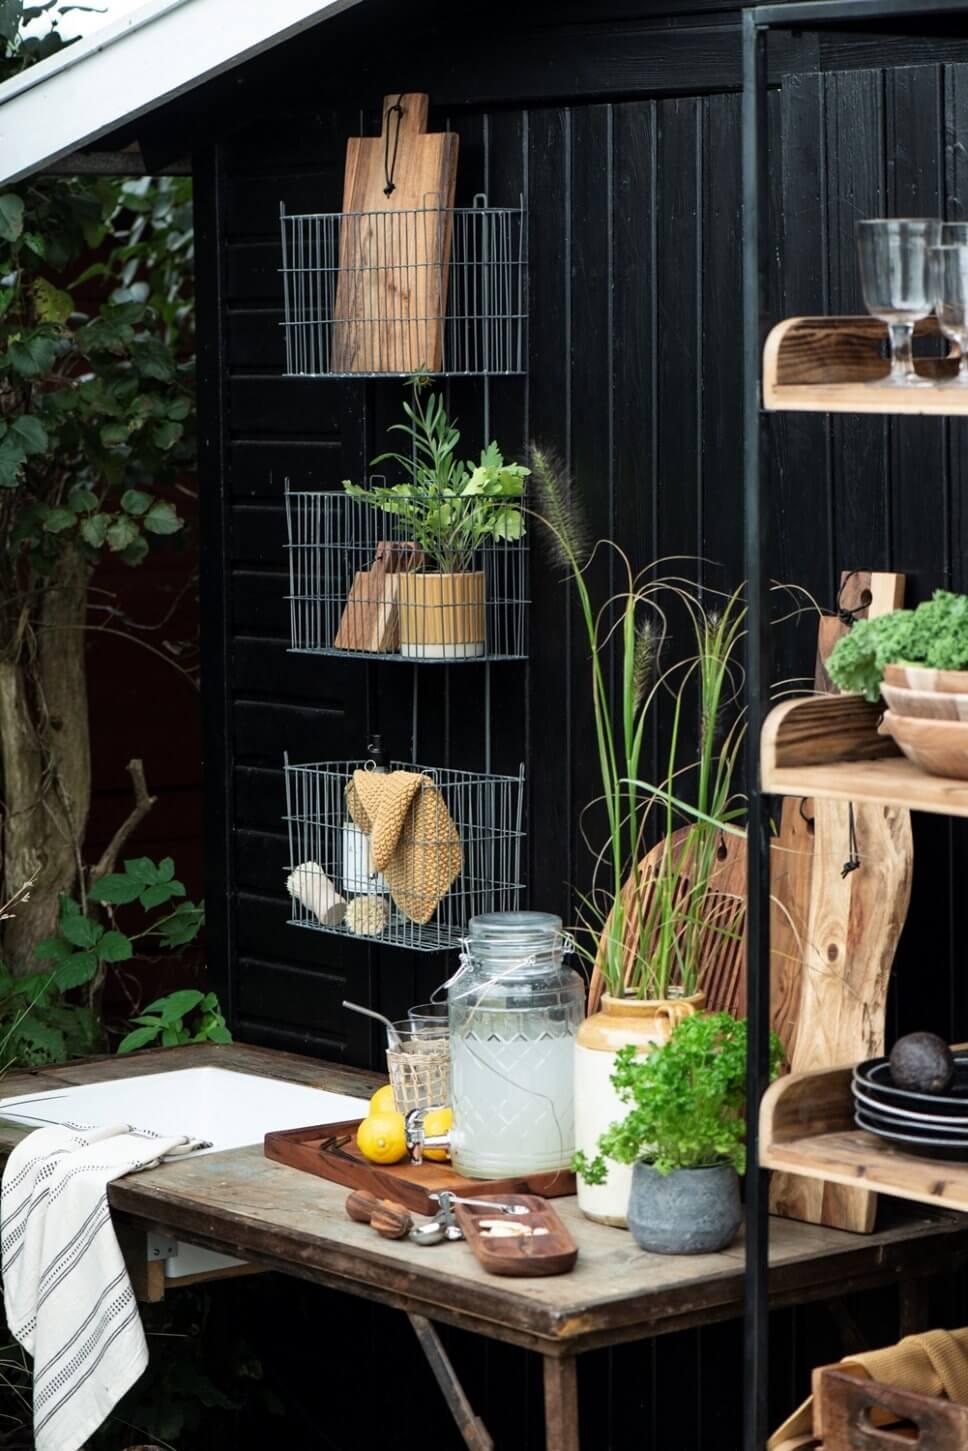 Rustikale Outdoorküche mit Holztisch, Metallregalen und vielen Kübelpflanzen